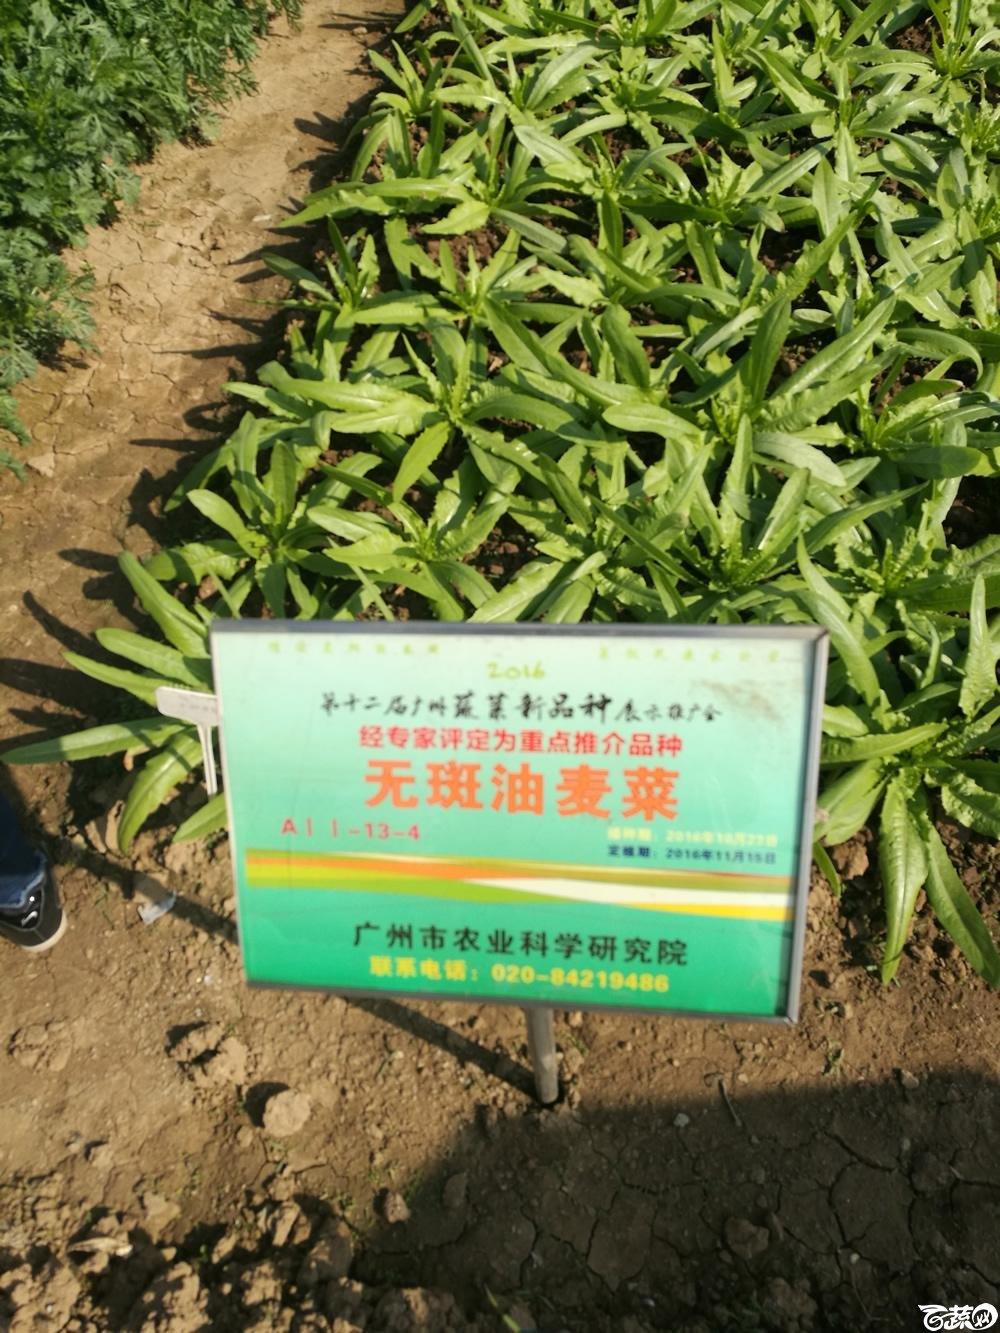 广州市农科院无斑油麦菜,第十二届广州蔬菜展示会专家重点推荐品种_002.jpg